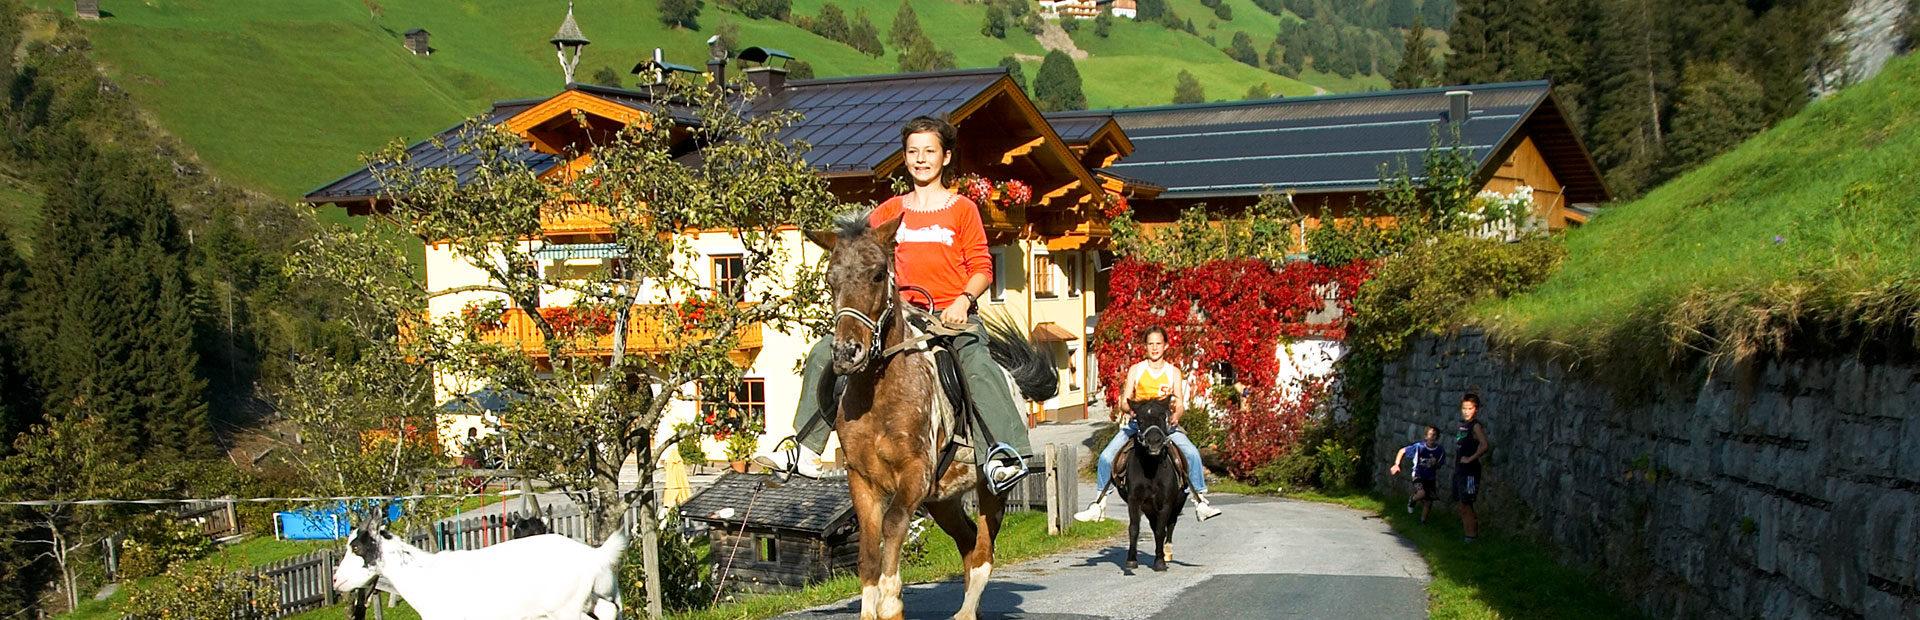 Familienurlaub in Salzburg, Großarl